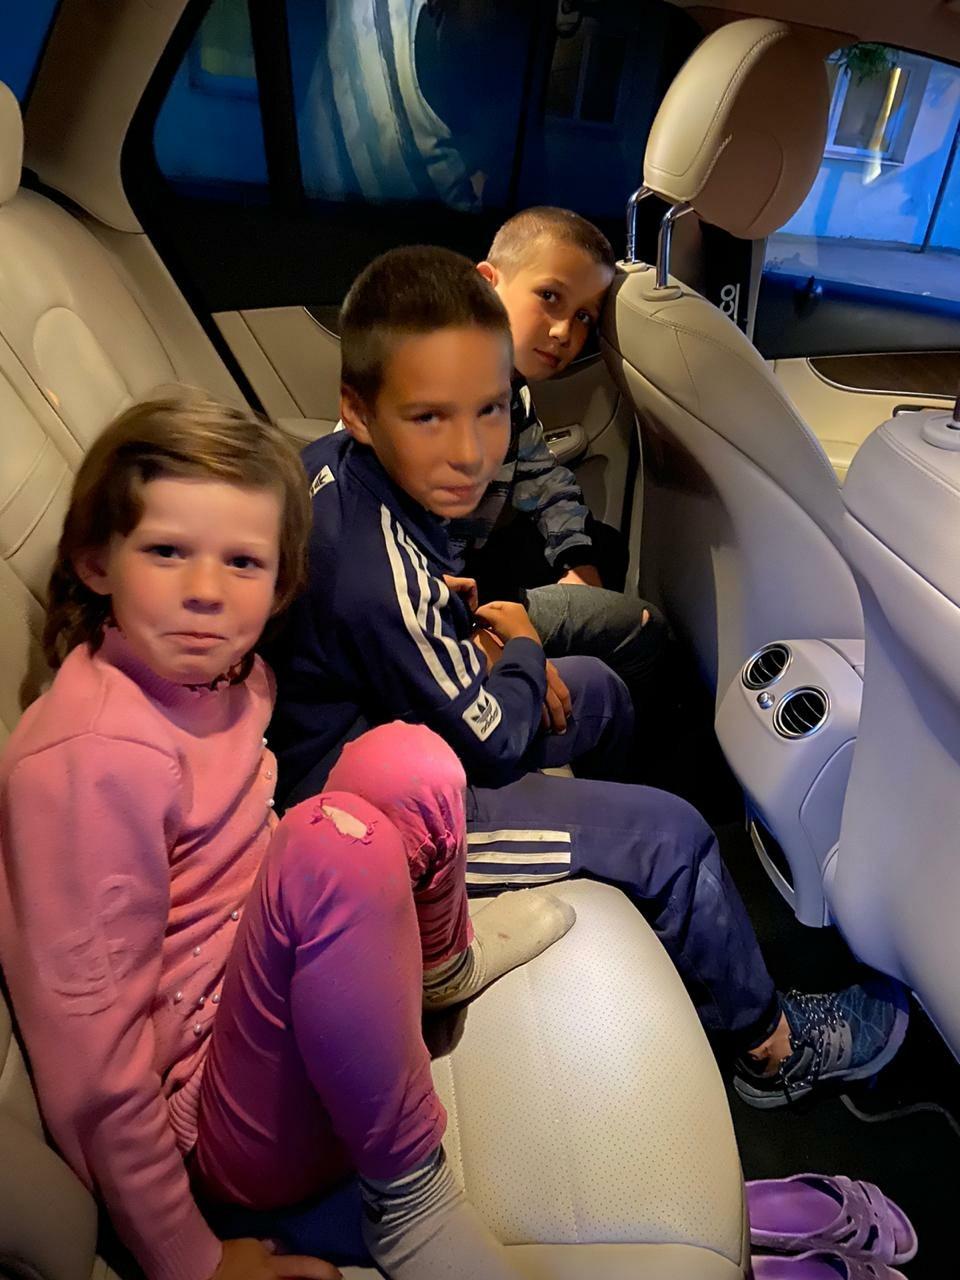 Карина, Денис и Кирилл впервые едут в дом приемных родителей Анны и Юрия